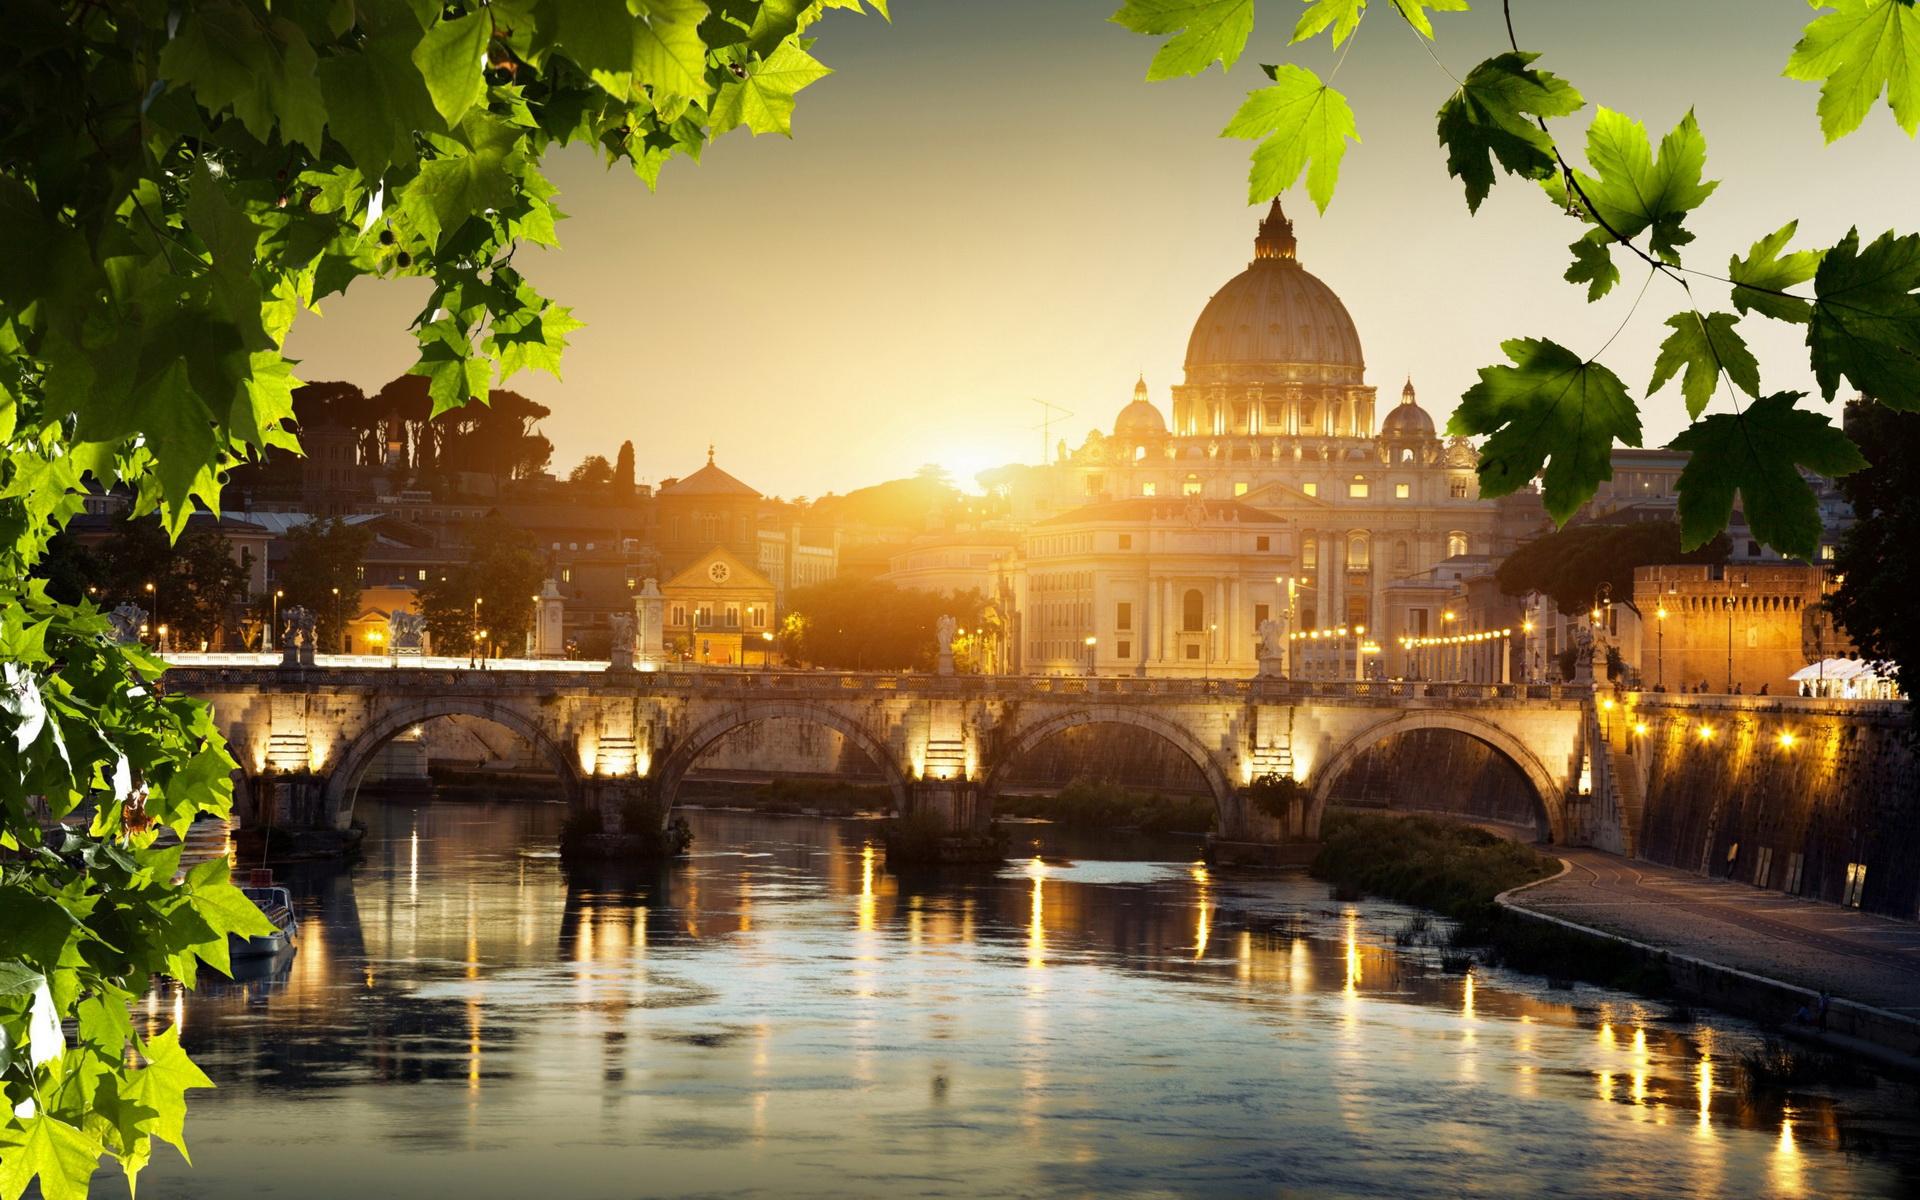 tlcharger fond decran rome - photo #8